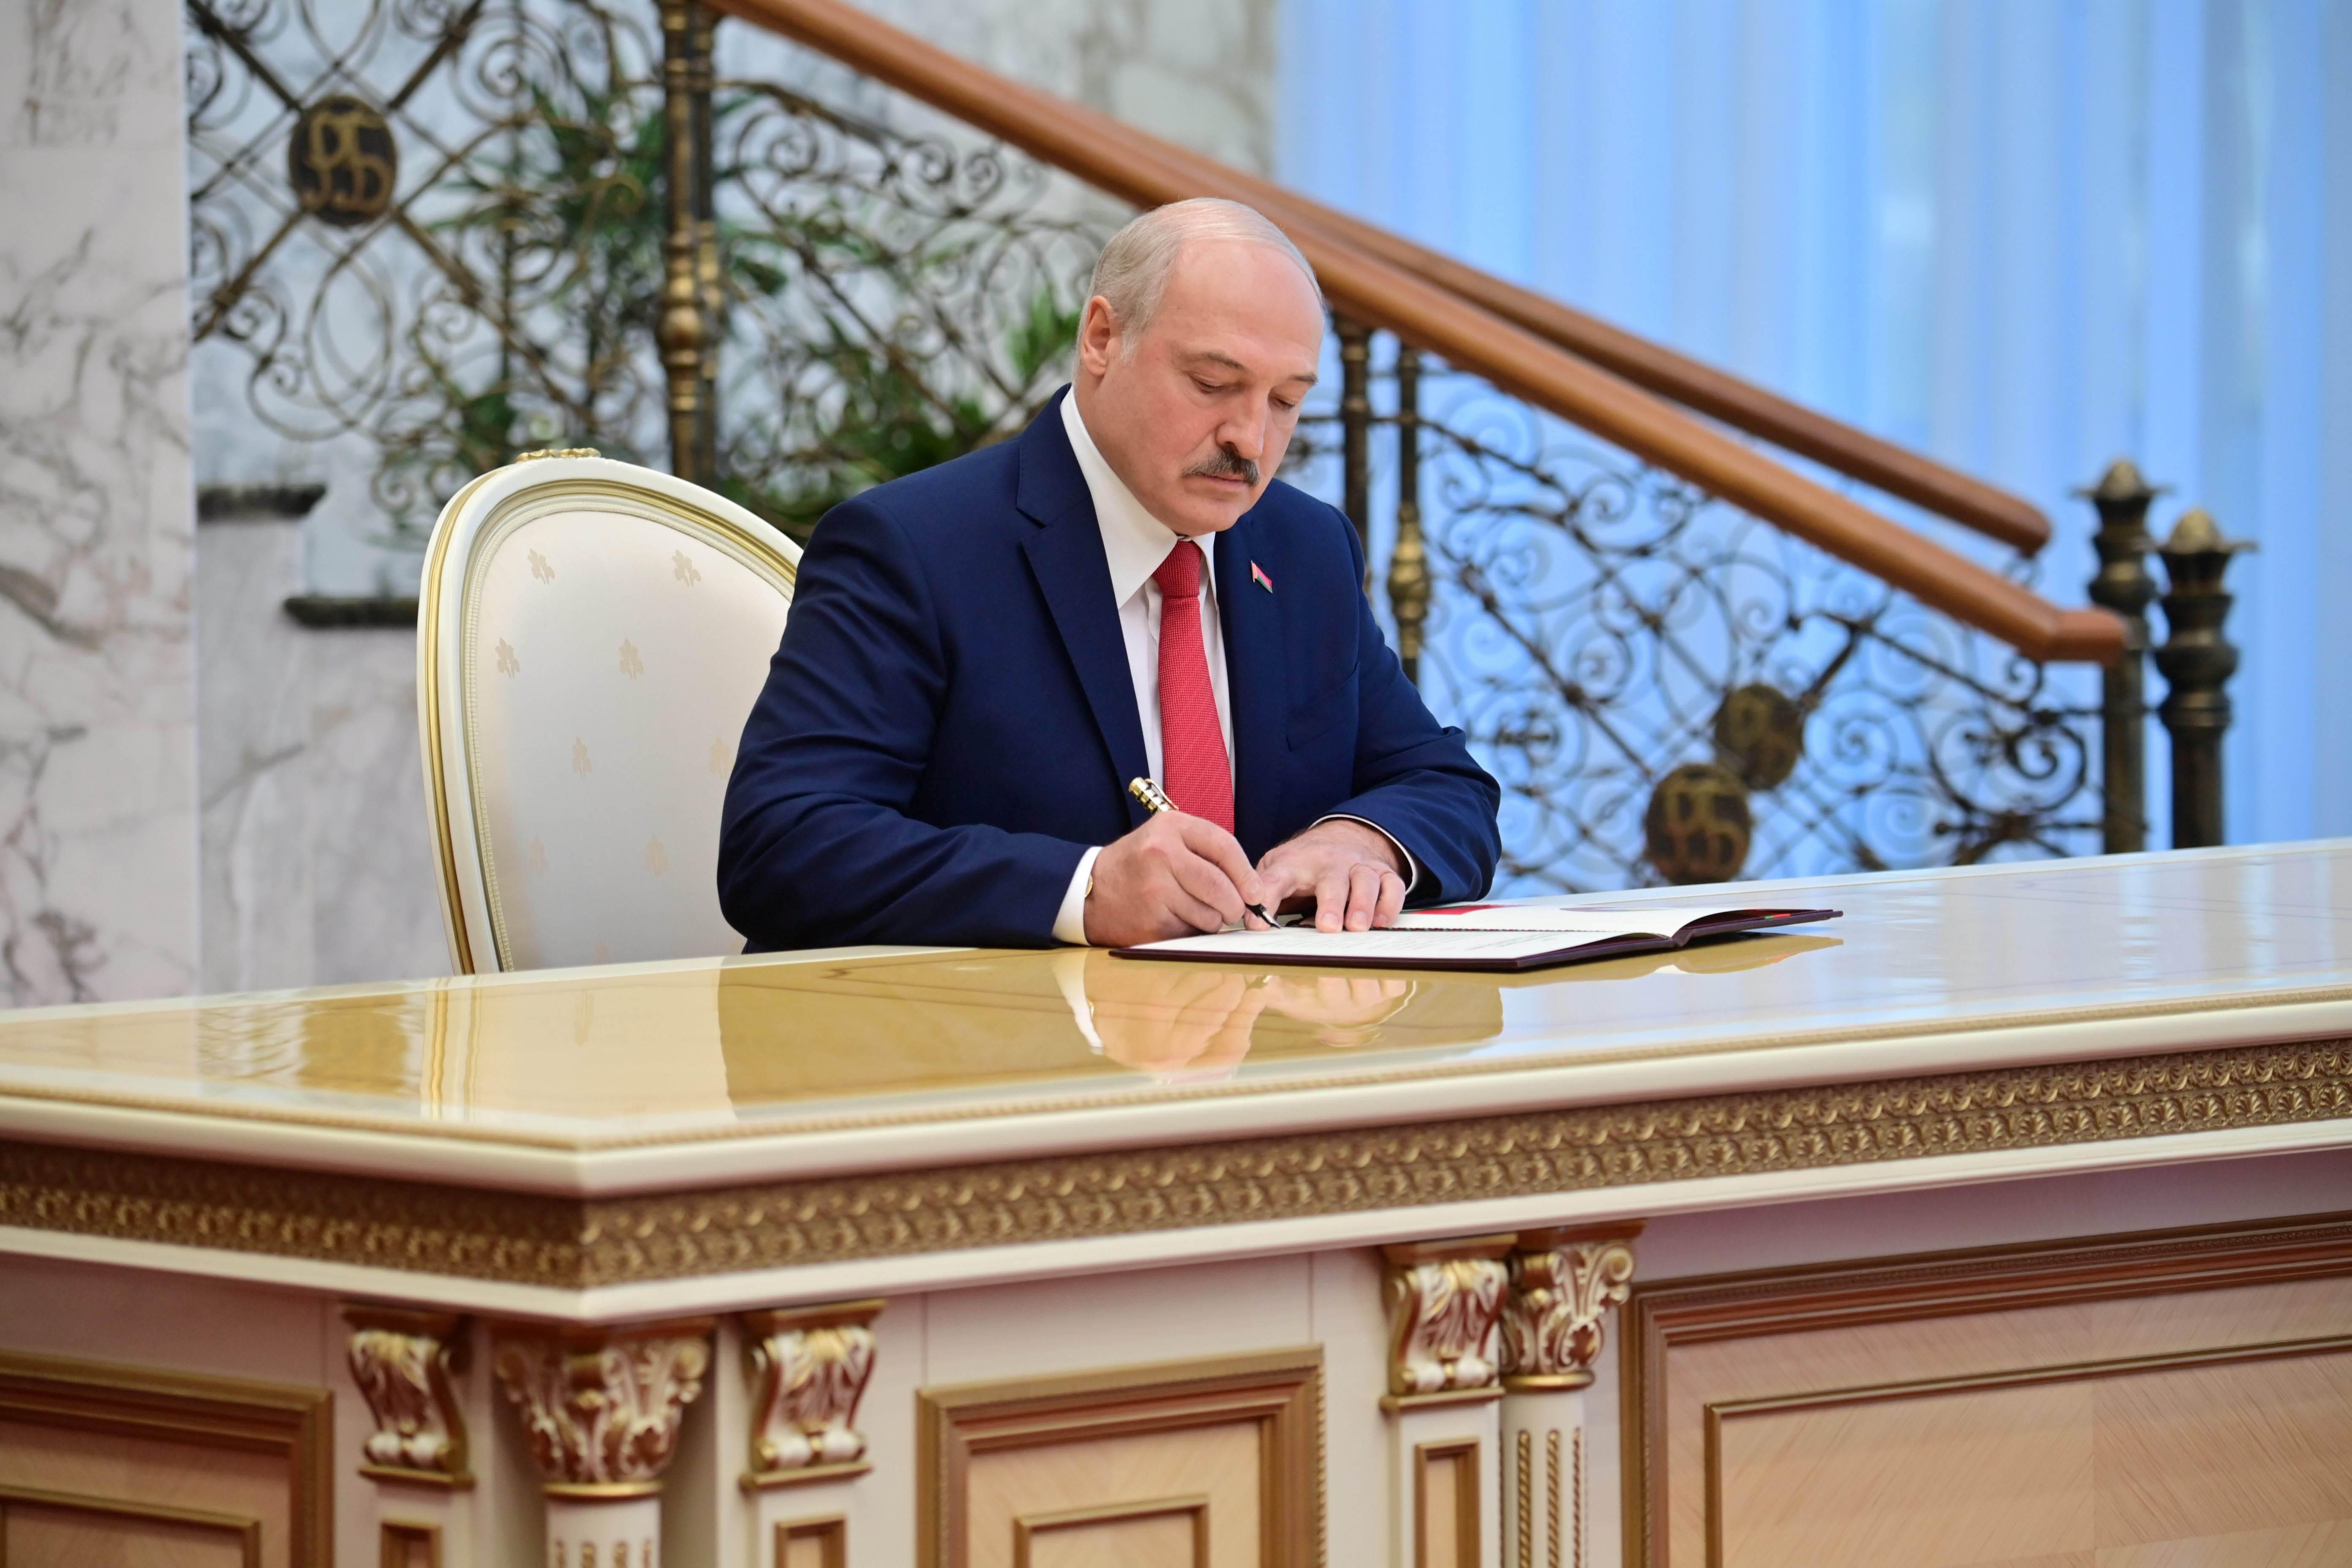 Alexander Lukashenko assina documento durante cerimônia de posse em Belarus